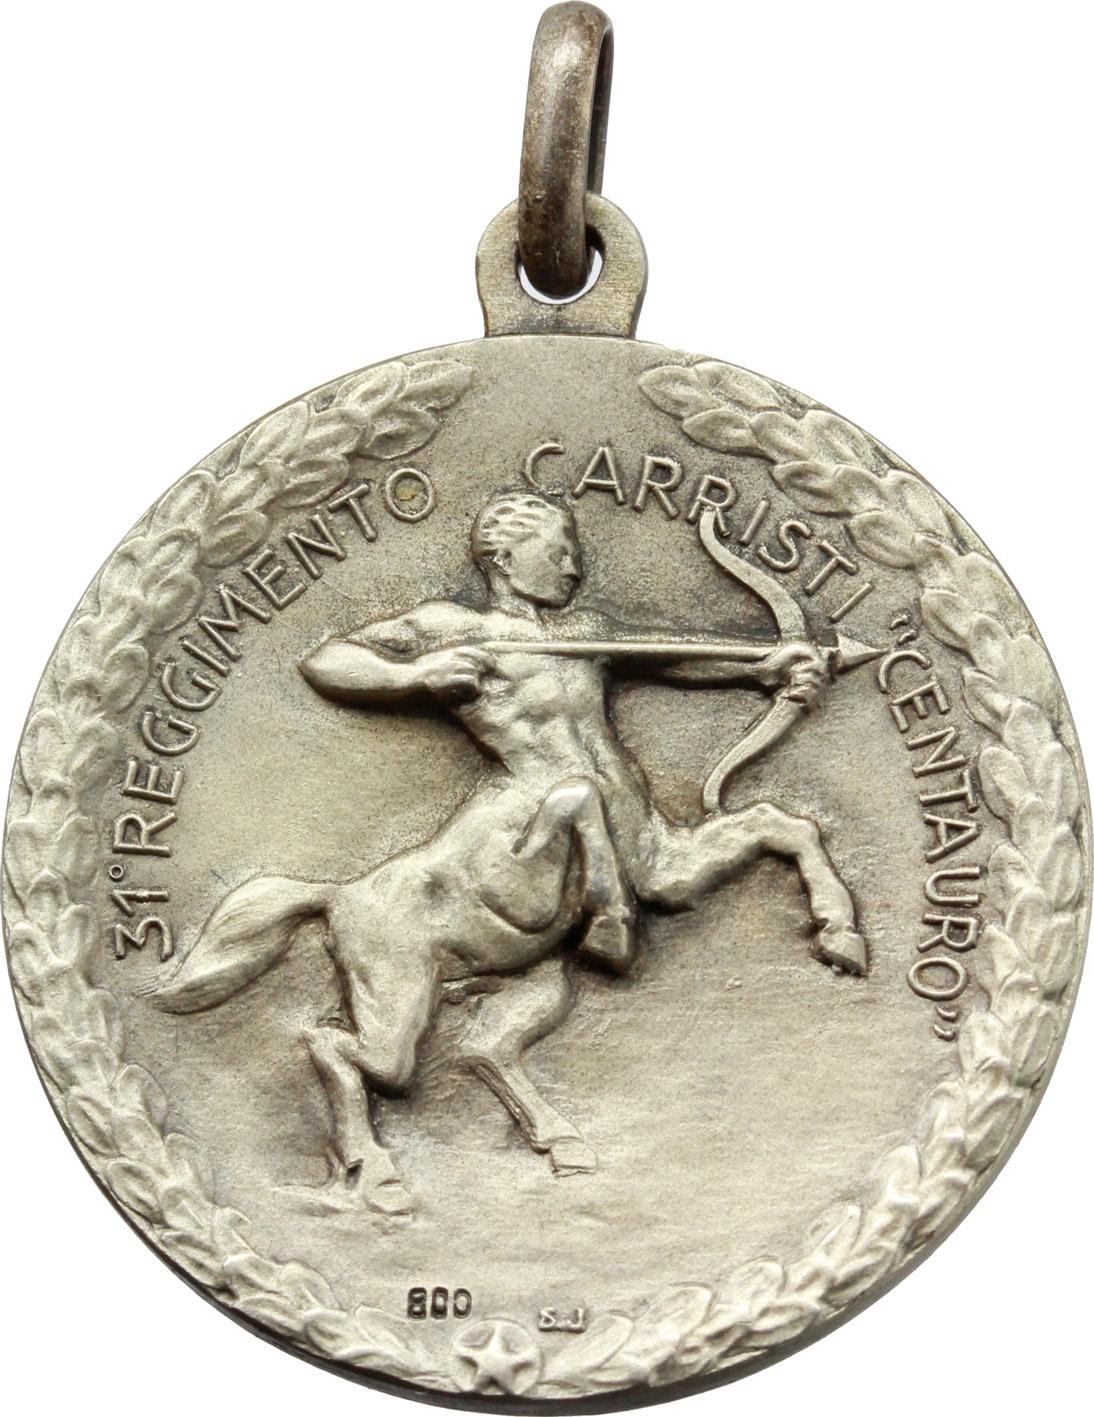 R/  Medaglia con appiccagnolo 31° Reggimento carristi 'Centauro'. 'Ferrea mole/ ferreo cuore'.     AG.   mm. 30.00    SPL.